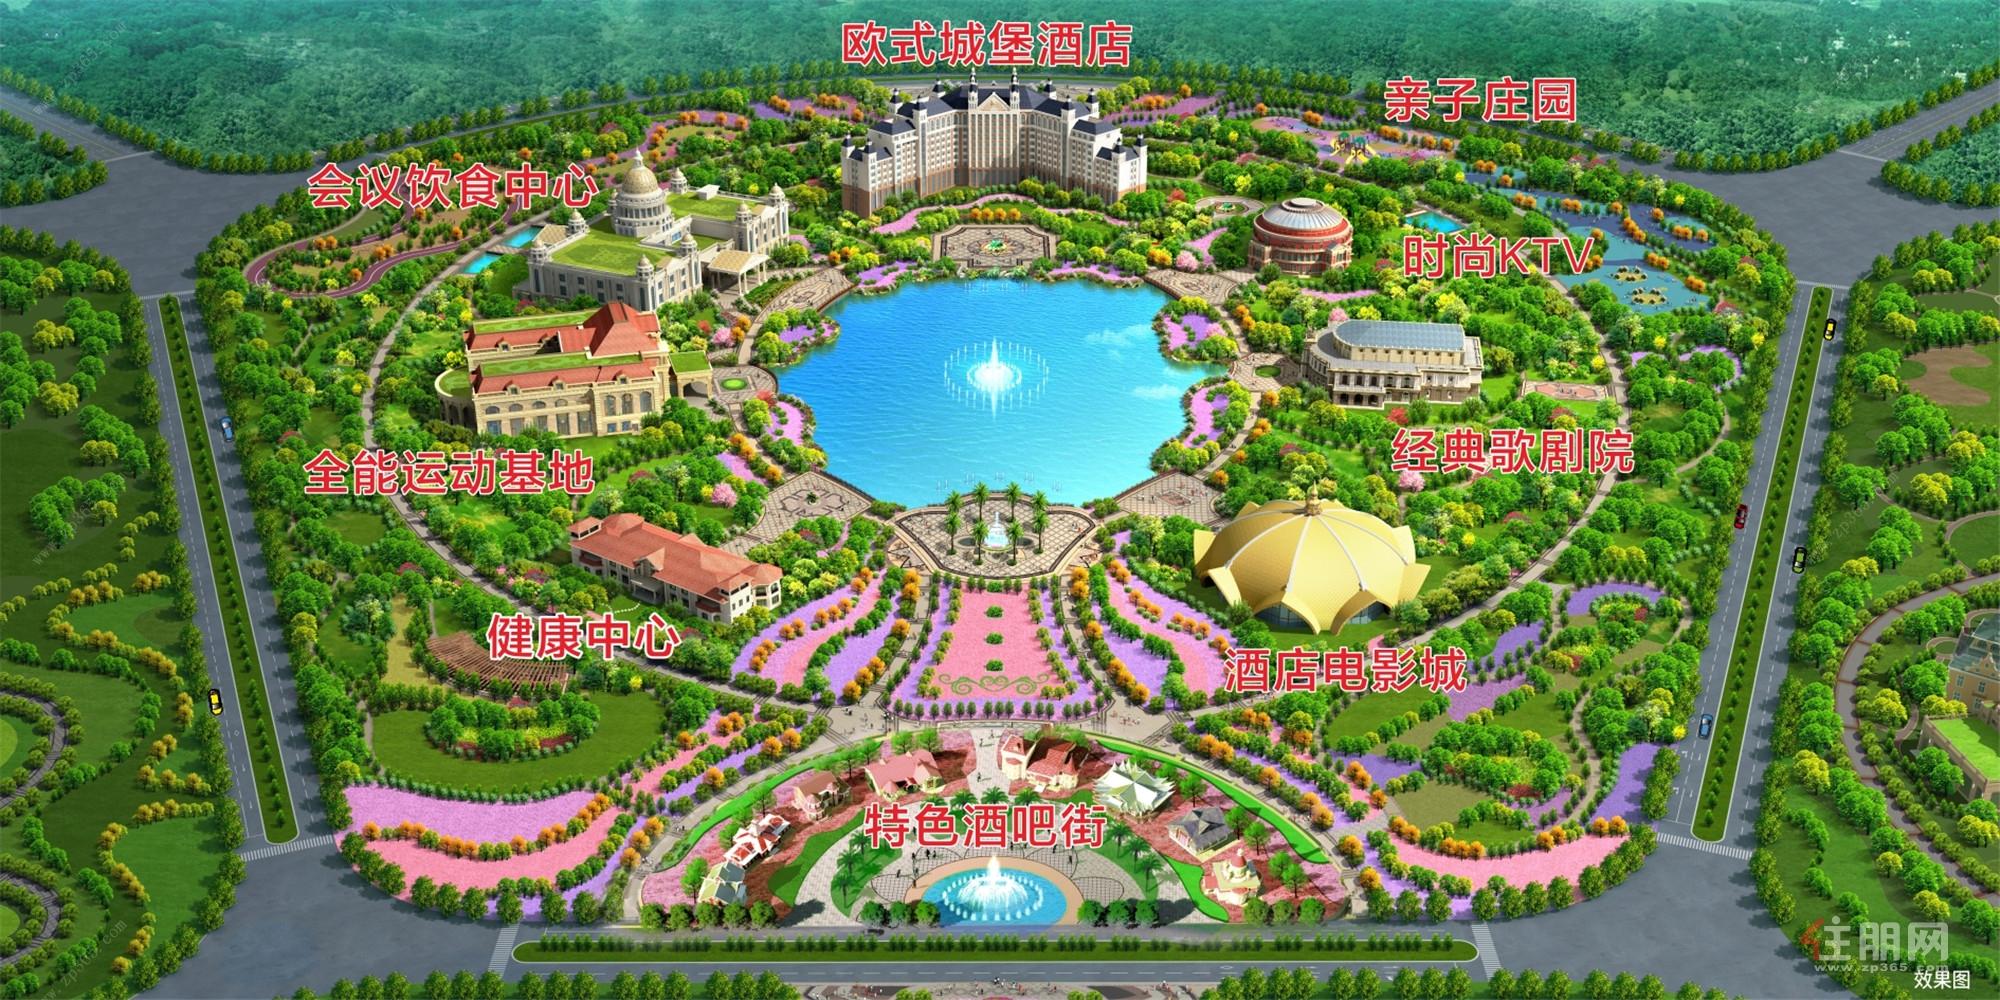 11月21日看房团:南宁空港恒大养生谷-南宁空港恒大文化旅游城